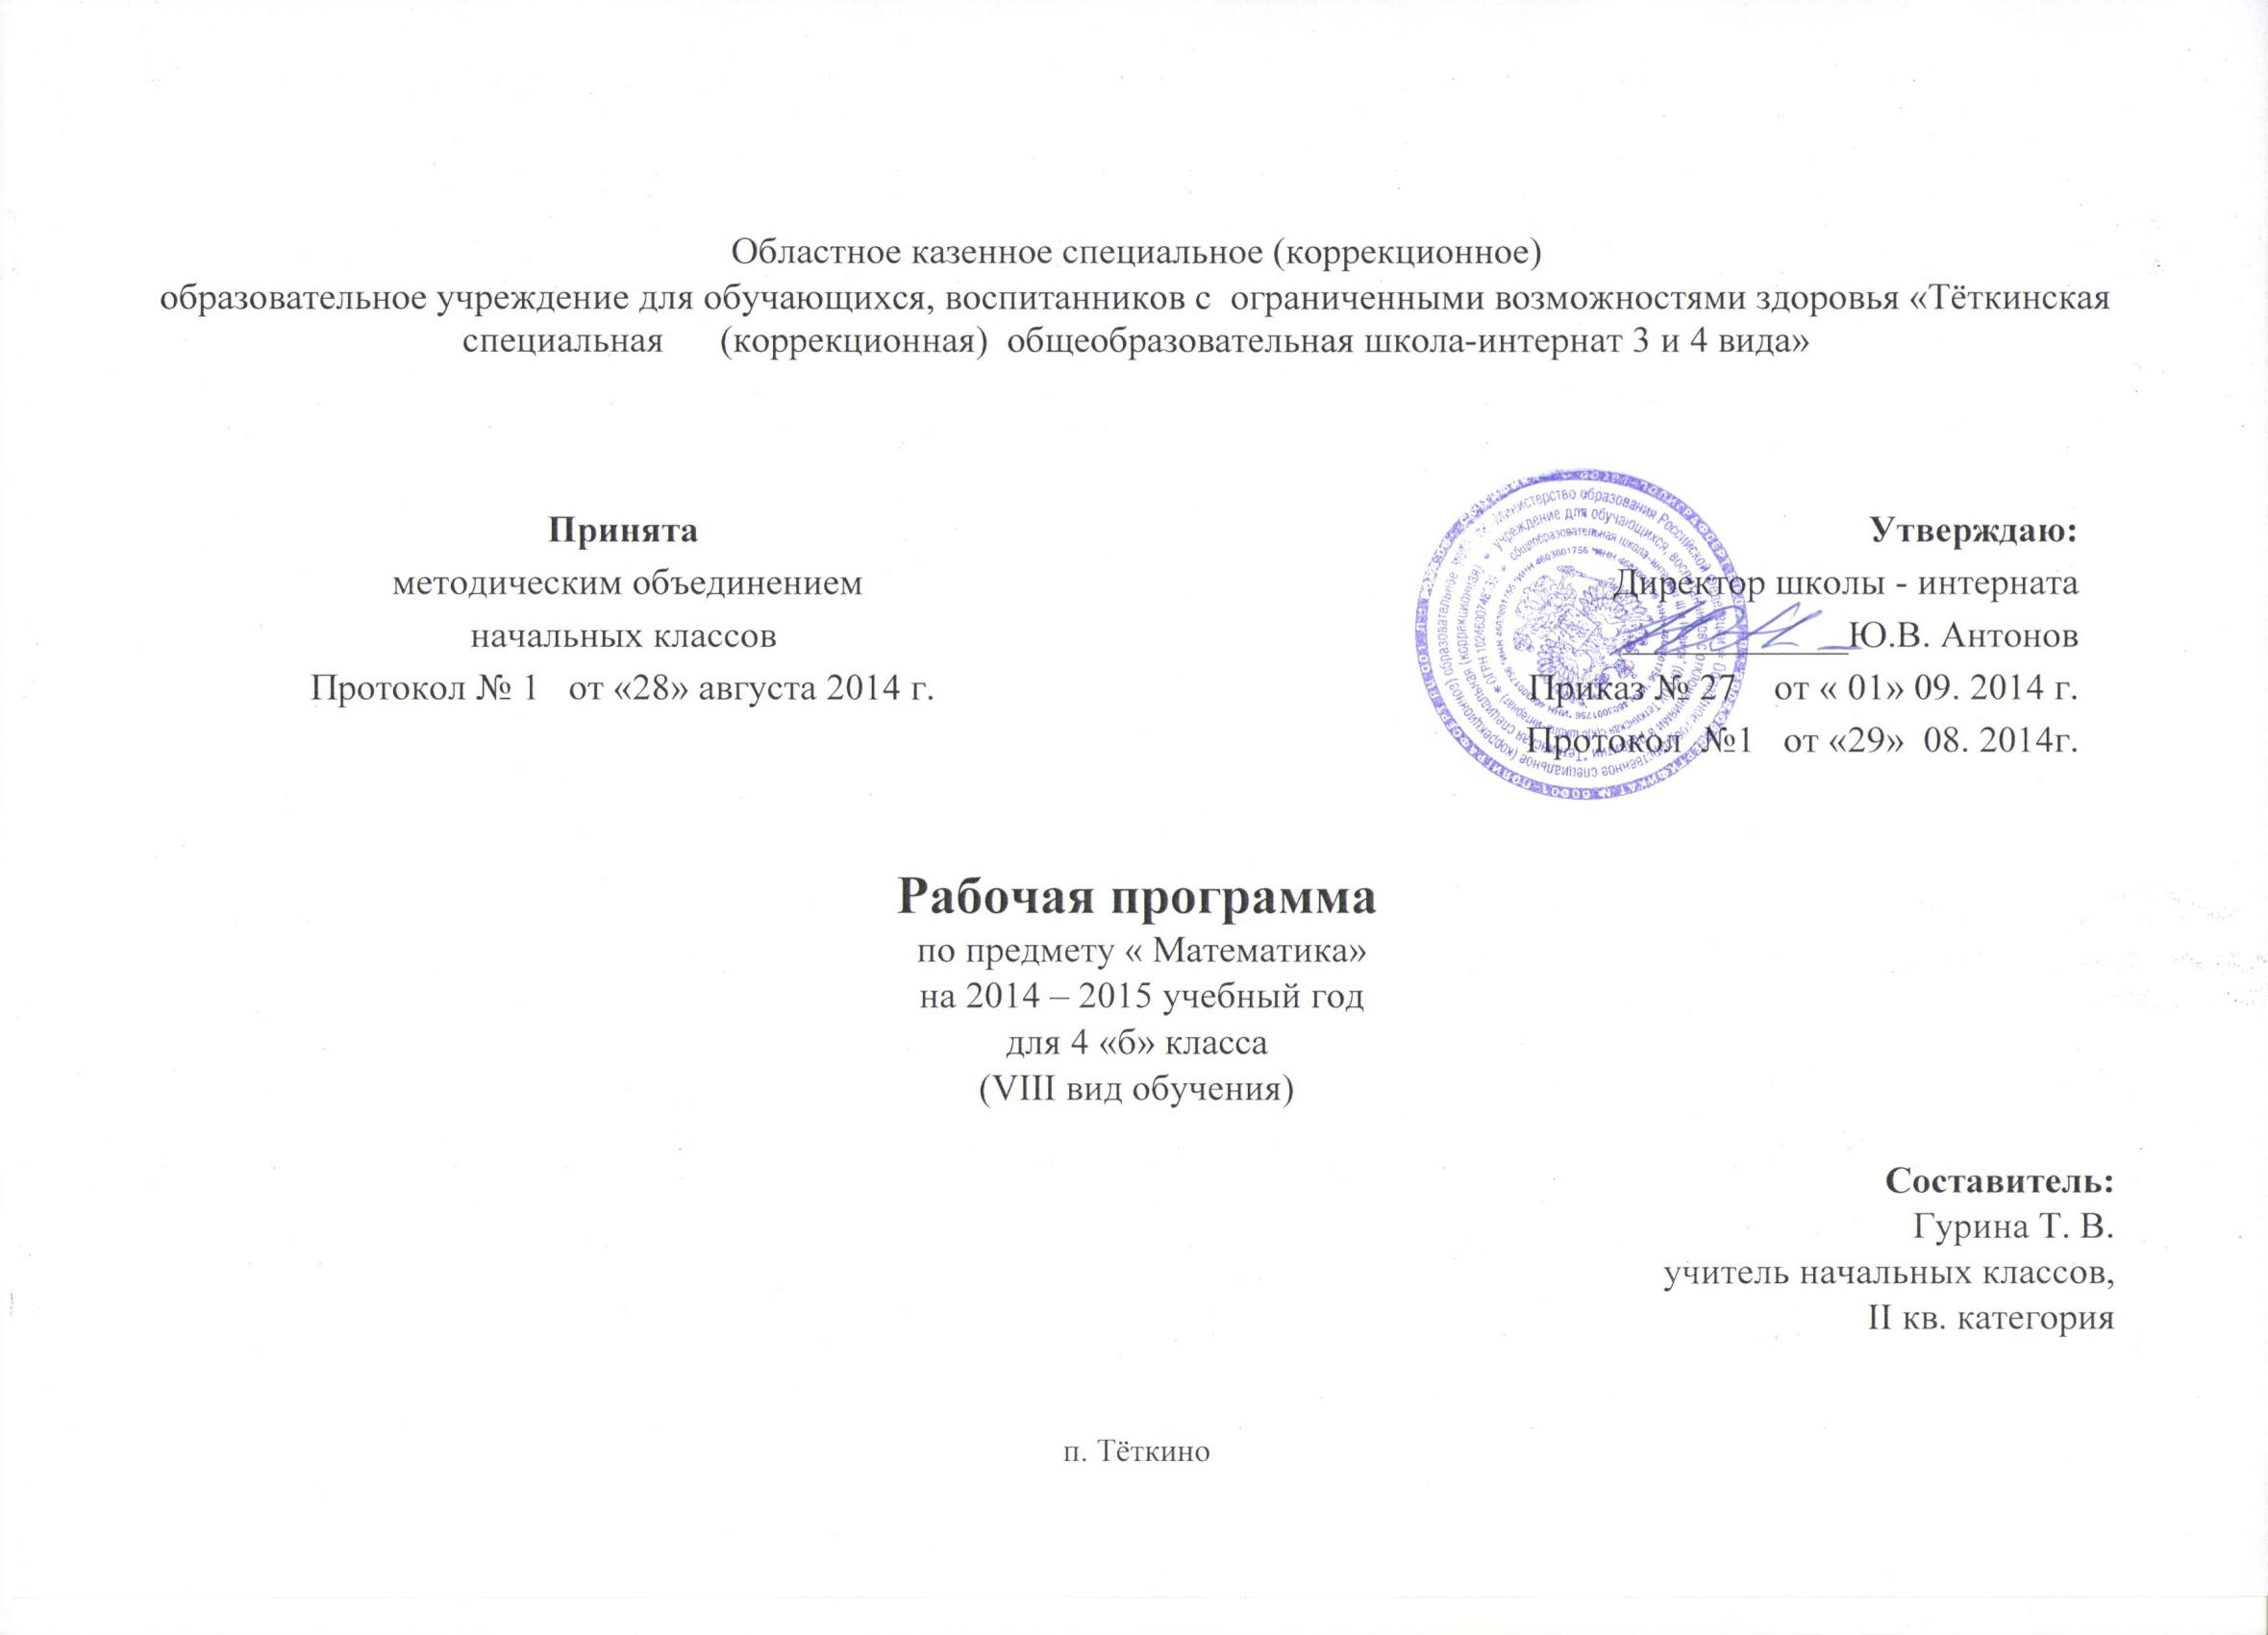 G:\Титульные листы Гурина\Математика.jpg